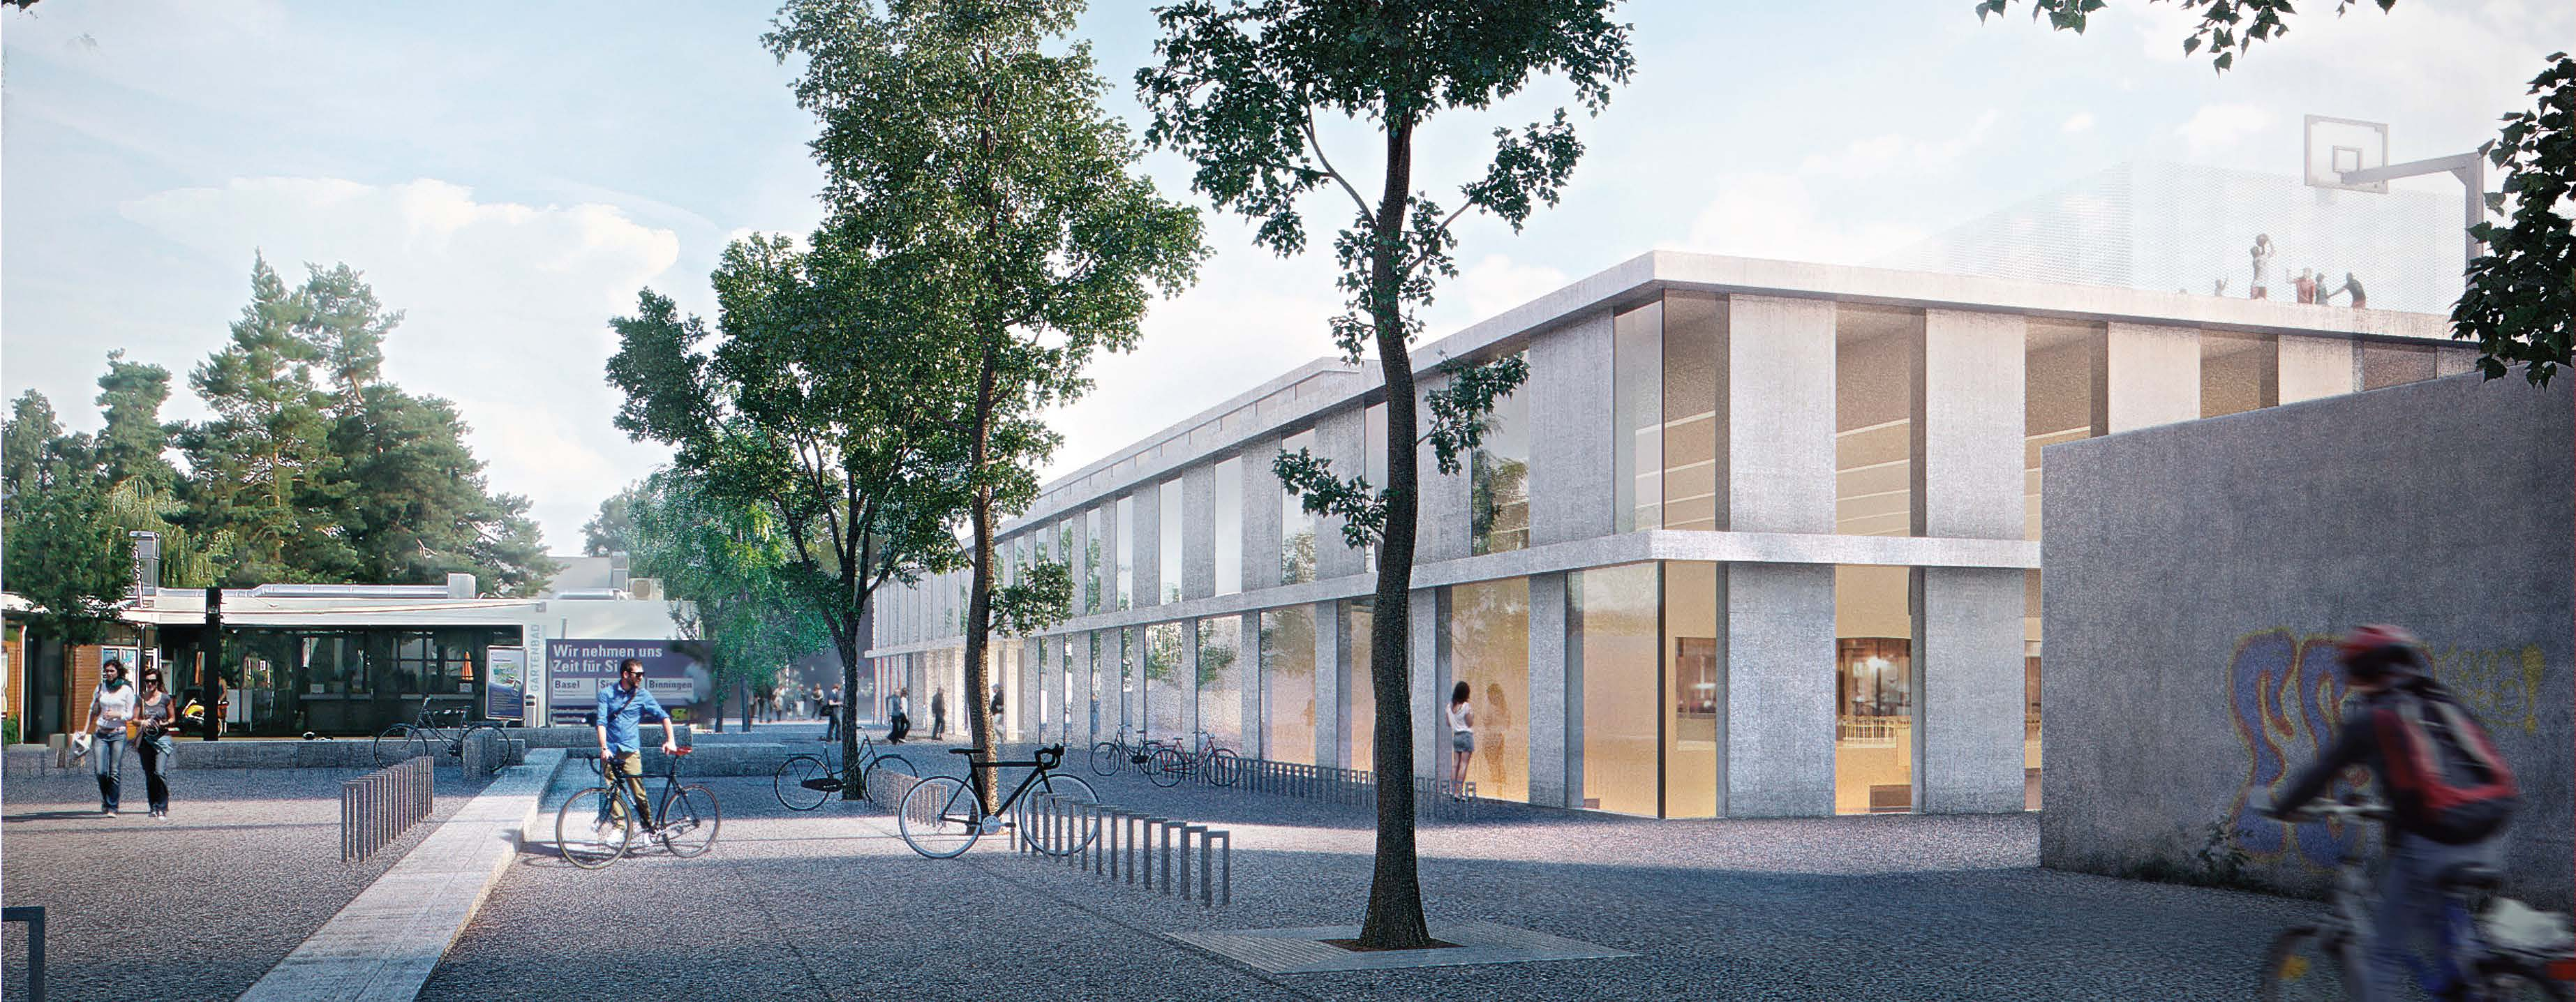 Aussenvisualisierung:  Caesar Zumthor und Markus Stern Architekten